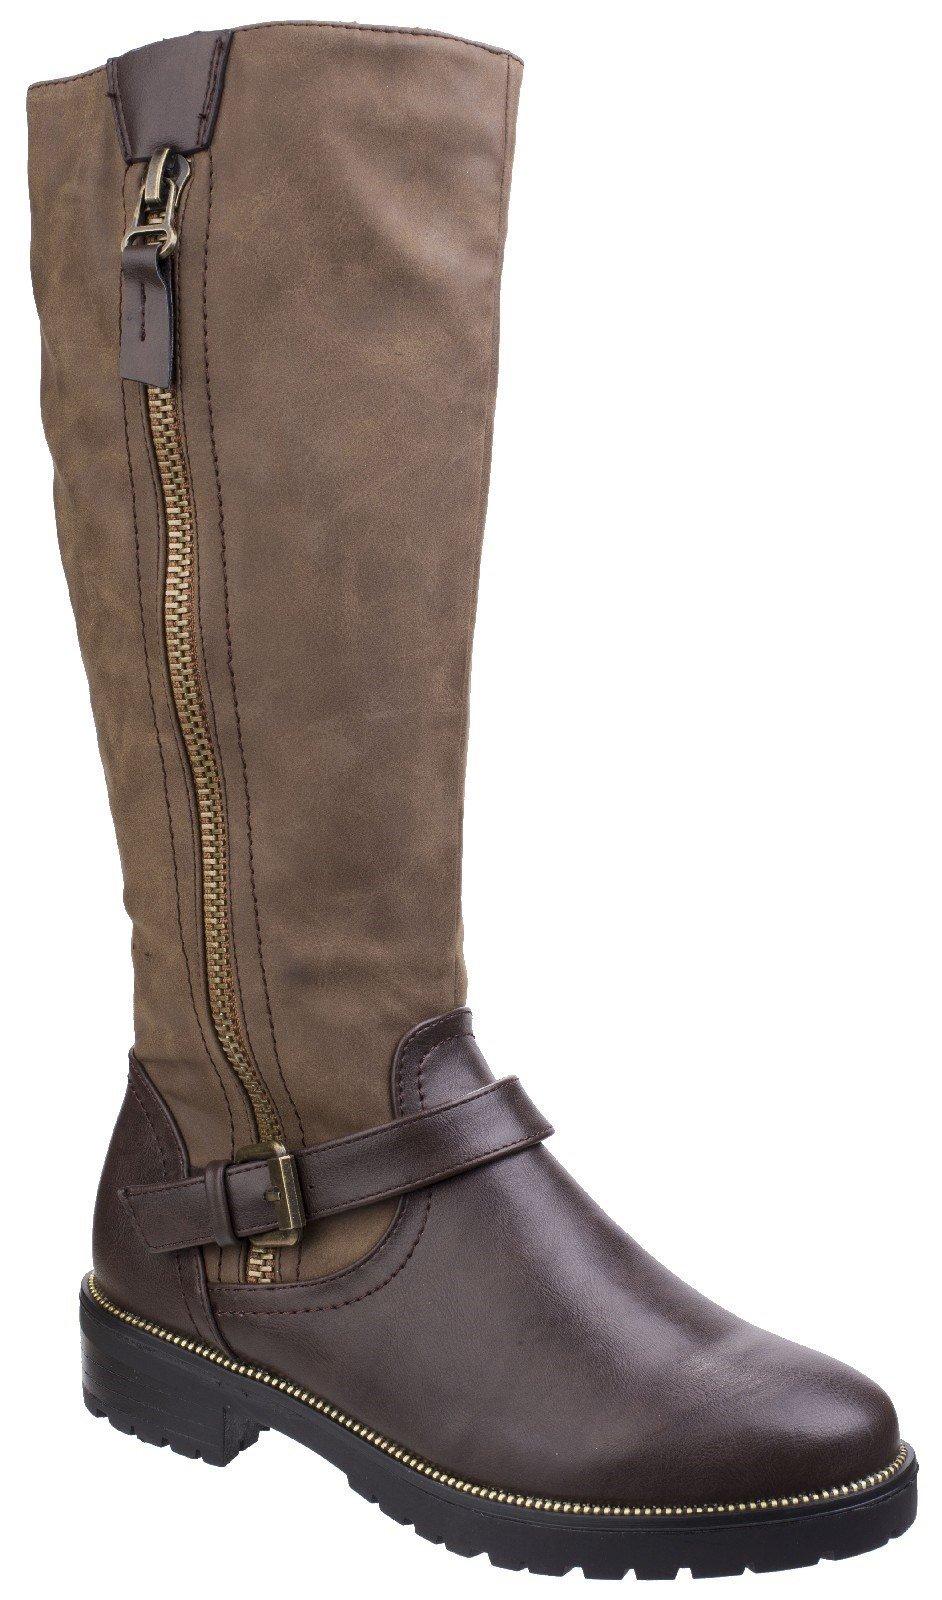 Divaz Women's Manson Tall Boot Brown 25567-42553 - Brown 3